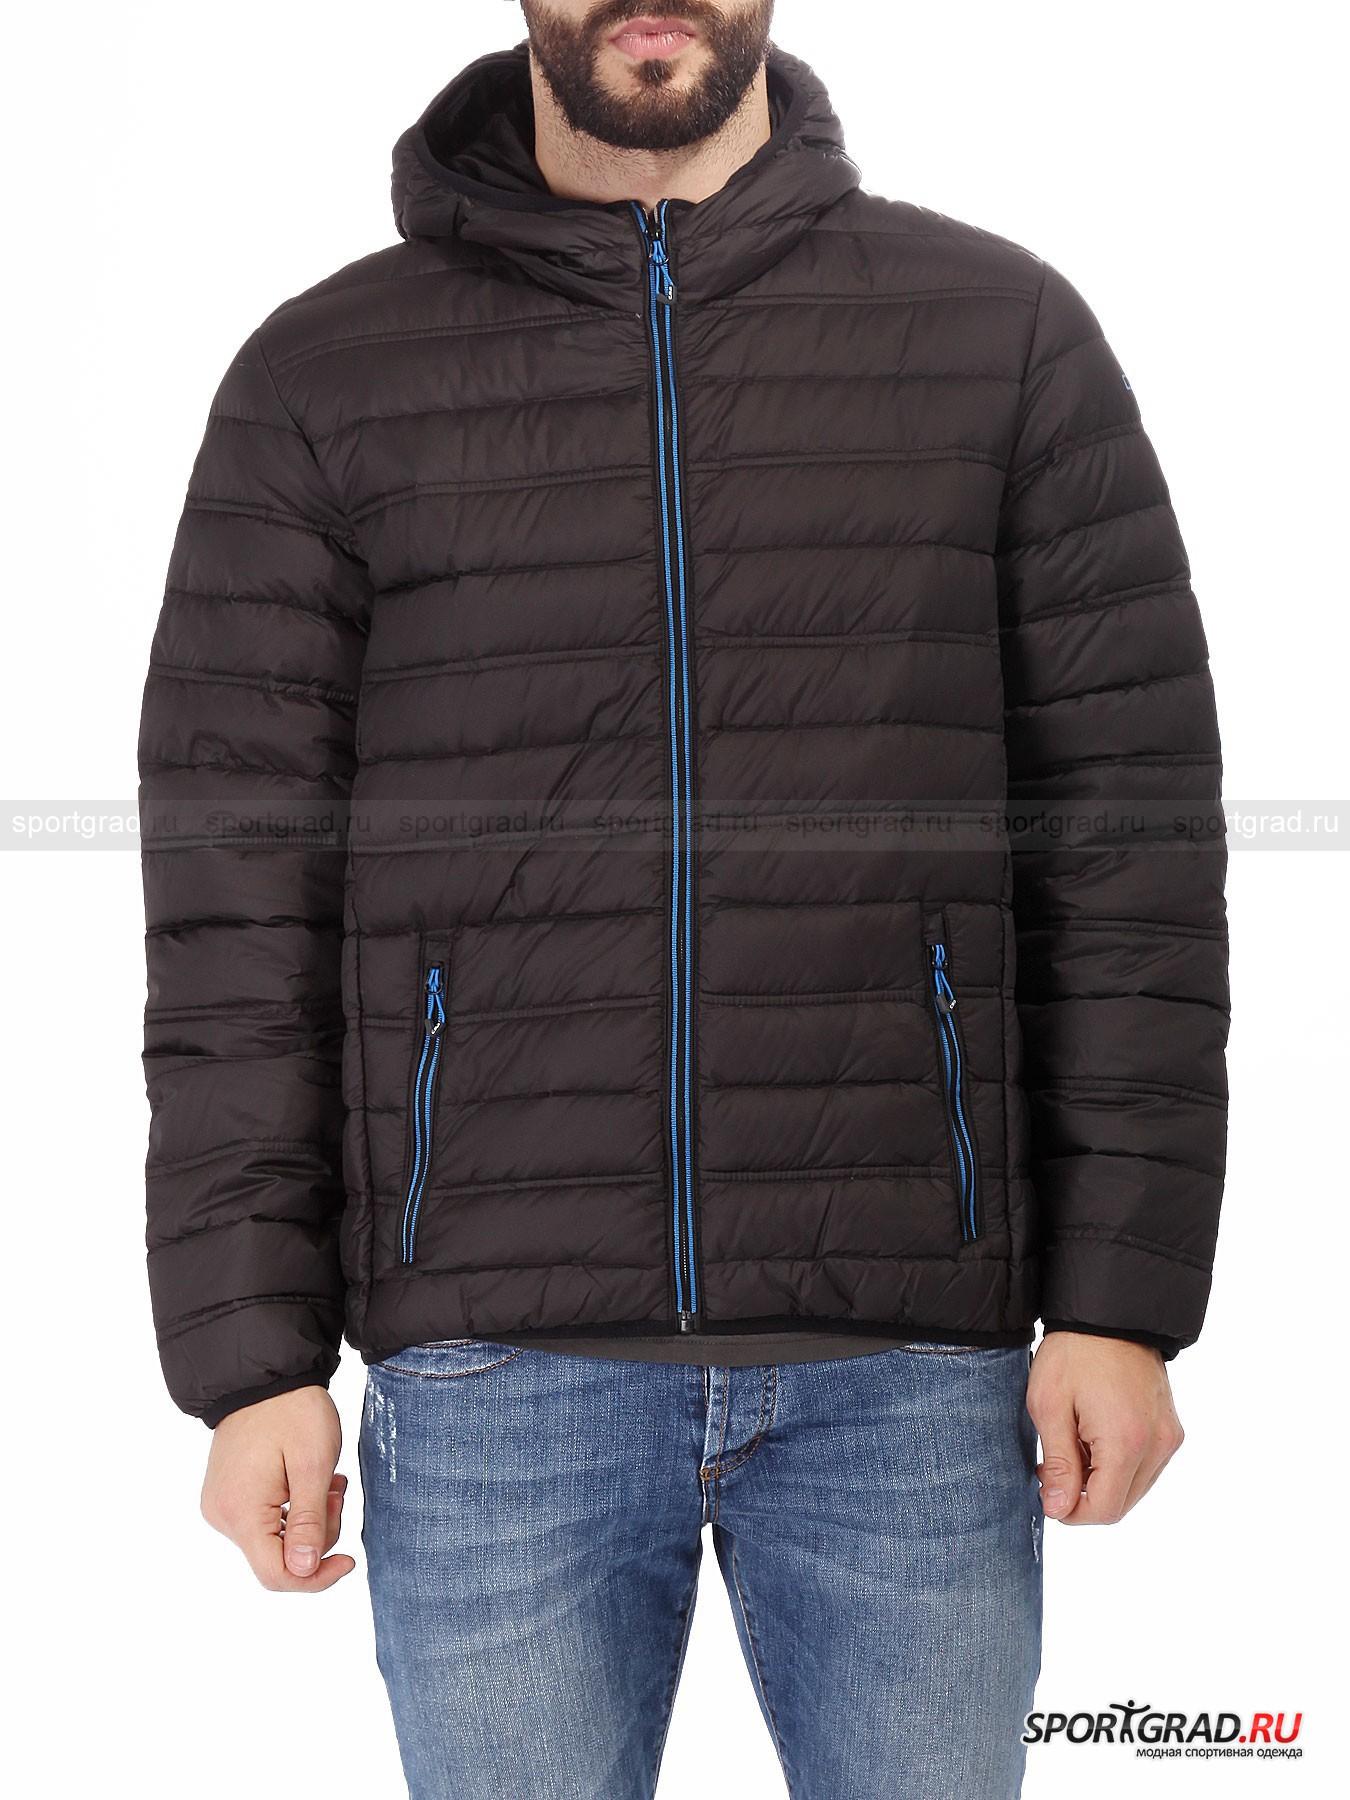 Куртка мужская CAMPAGNOLOПуховики<br>Пуховая куртка от CMP, представленная на этой странице, также как и все подобные модели бренда является уникальным продуктом, обладающим нетипичными для верхней одежды качествами. Куртка совершенно невесомая и такая тонкая, что ее можно компактно свернуть и уложить в специальный мешочек, который поставляется в комплекте. Но при этом она отлично справляется со своей главной задачей – согревать в период межсезонья и защищать от дождя и ветра. <br><br>Особенности модели:<br>- верхнее покрытие Teflon, отталкивающее воду и грязь;<br>- фронтальная молния;<br>- два внешних кармана на молнии;<br>- два внутренних кармана;<br>- контрастная синяя отделка;<br>- большой капюшон.<br><br>Пол: Мужской<br>Возраст: Взрослый<br>Тип: Пуховики<br>Рекомендации по уходу: деликатная стирка при температуре до 30 С; влажная химическая чистка: нельзя отбеливать, гладить; можно сушить в стиральной машине при низкой температуре<br>Состав: 100% полиэстер; наполнитель 90% пух, 10% перо